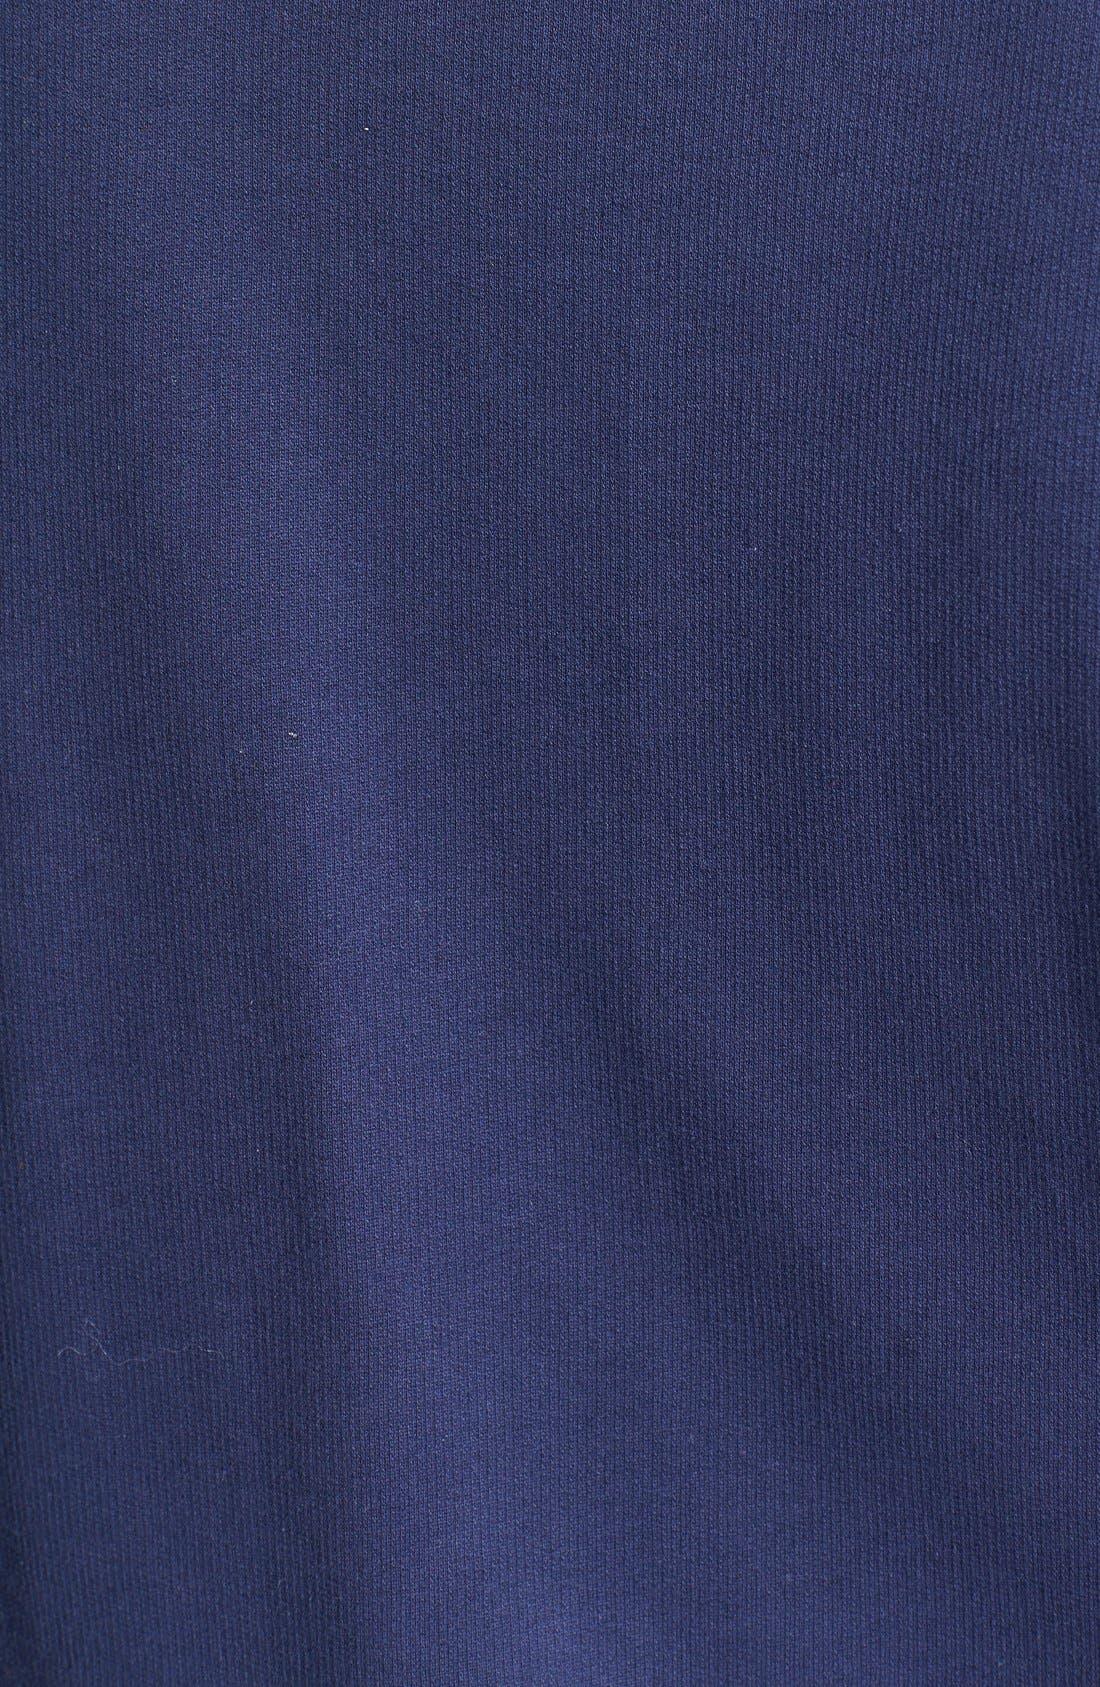 Alternate Image 3  - Caslon® Front Zip Terry Jacket (Plus Size)